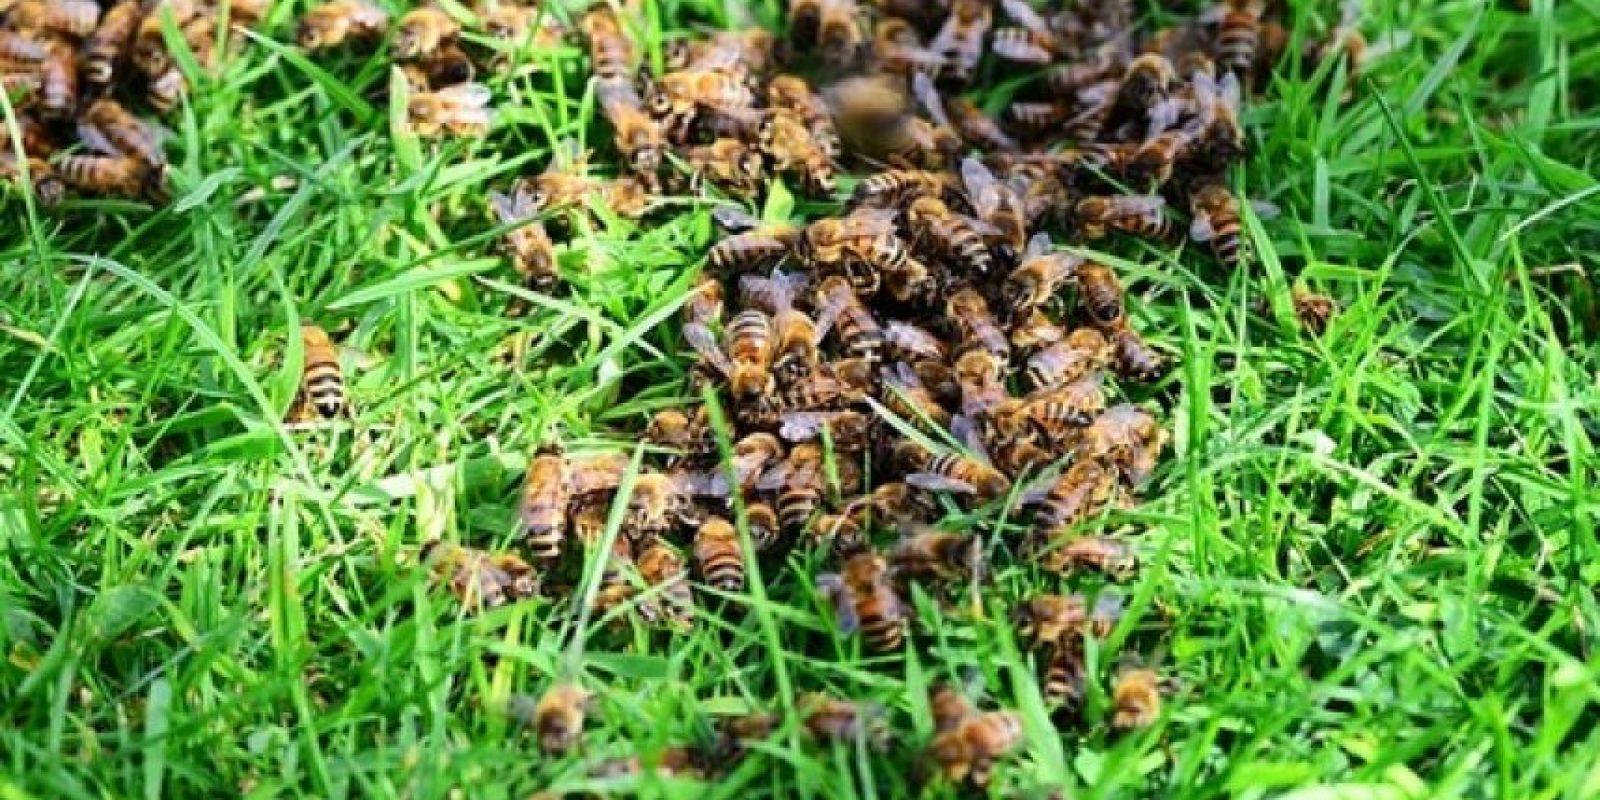 – Significa que no sólo debemos conservar las abejas por razones económicas, sino que también porque son criaturas espectacularmente bellas y fascinantes. A muchas personas les gustan estas especies y quieren conservarlas; quiero que mis nietos puedan verlas. Hacerlo es algo realmente correcto y hace que muchas personas se sientan bien. Foto:Wikimedia